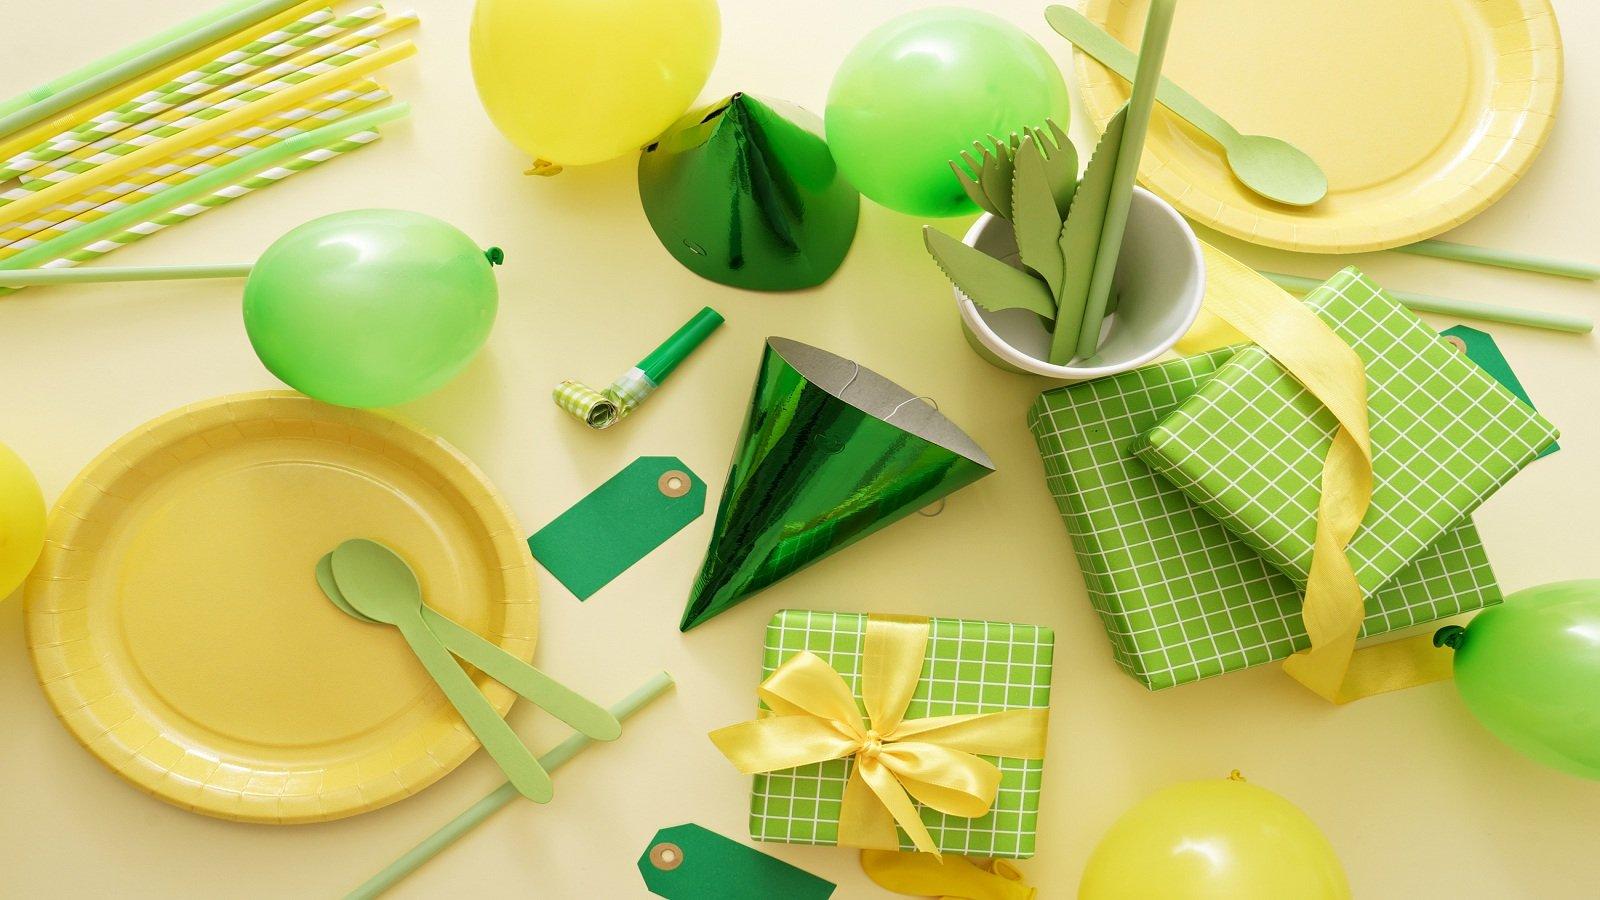 Piatti, posate e paglie in plastica verde e gialla